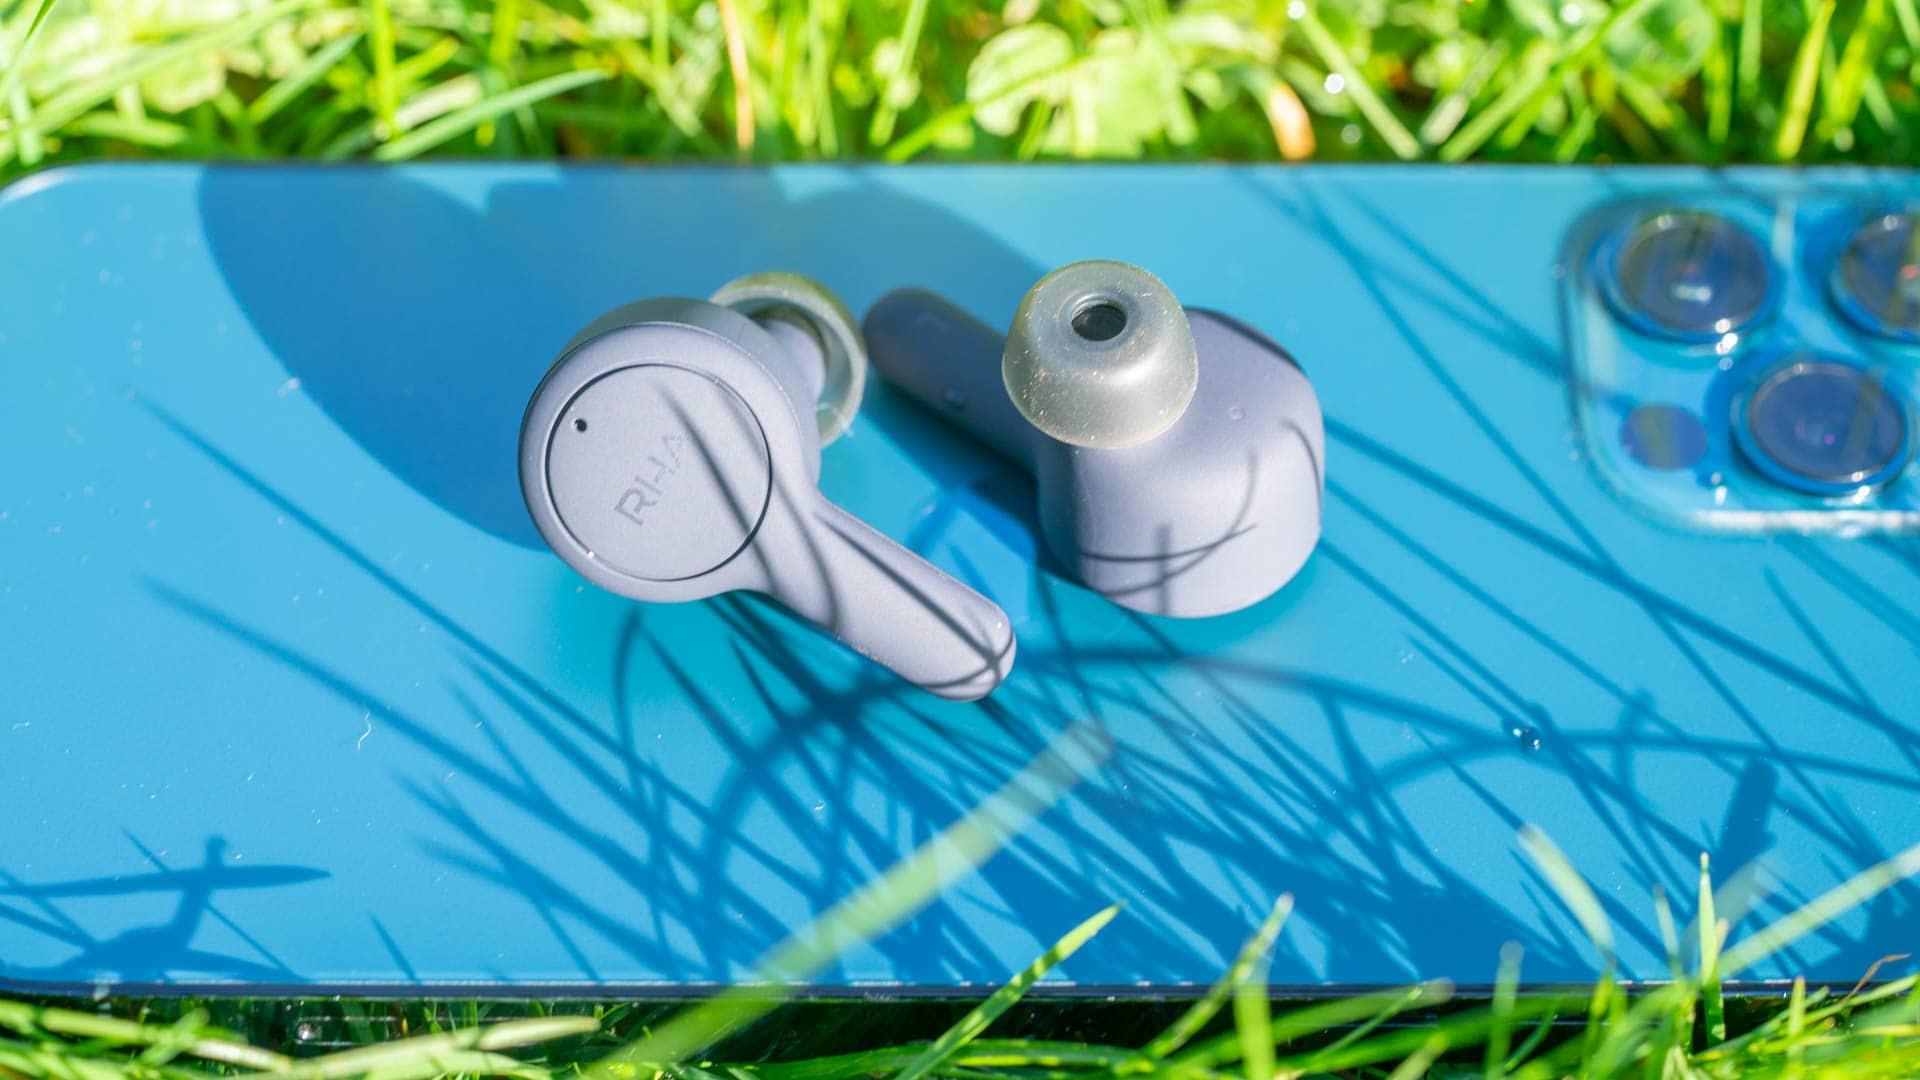 Die RHA TrueConnect 2 im Test, ungewöhnliche TWS Ohrhörer